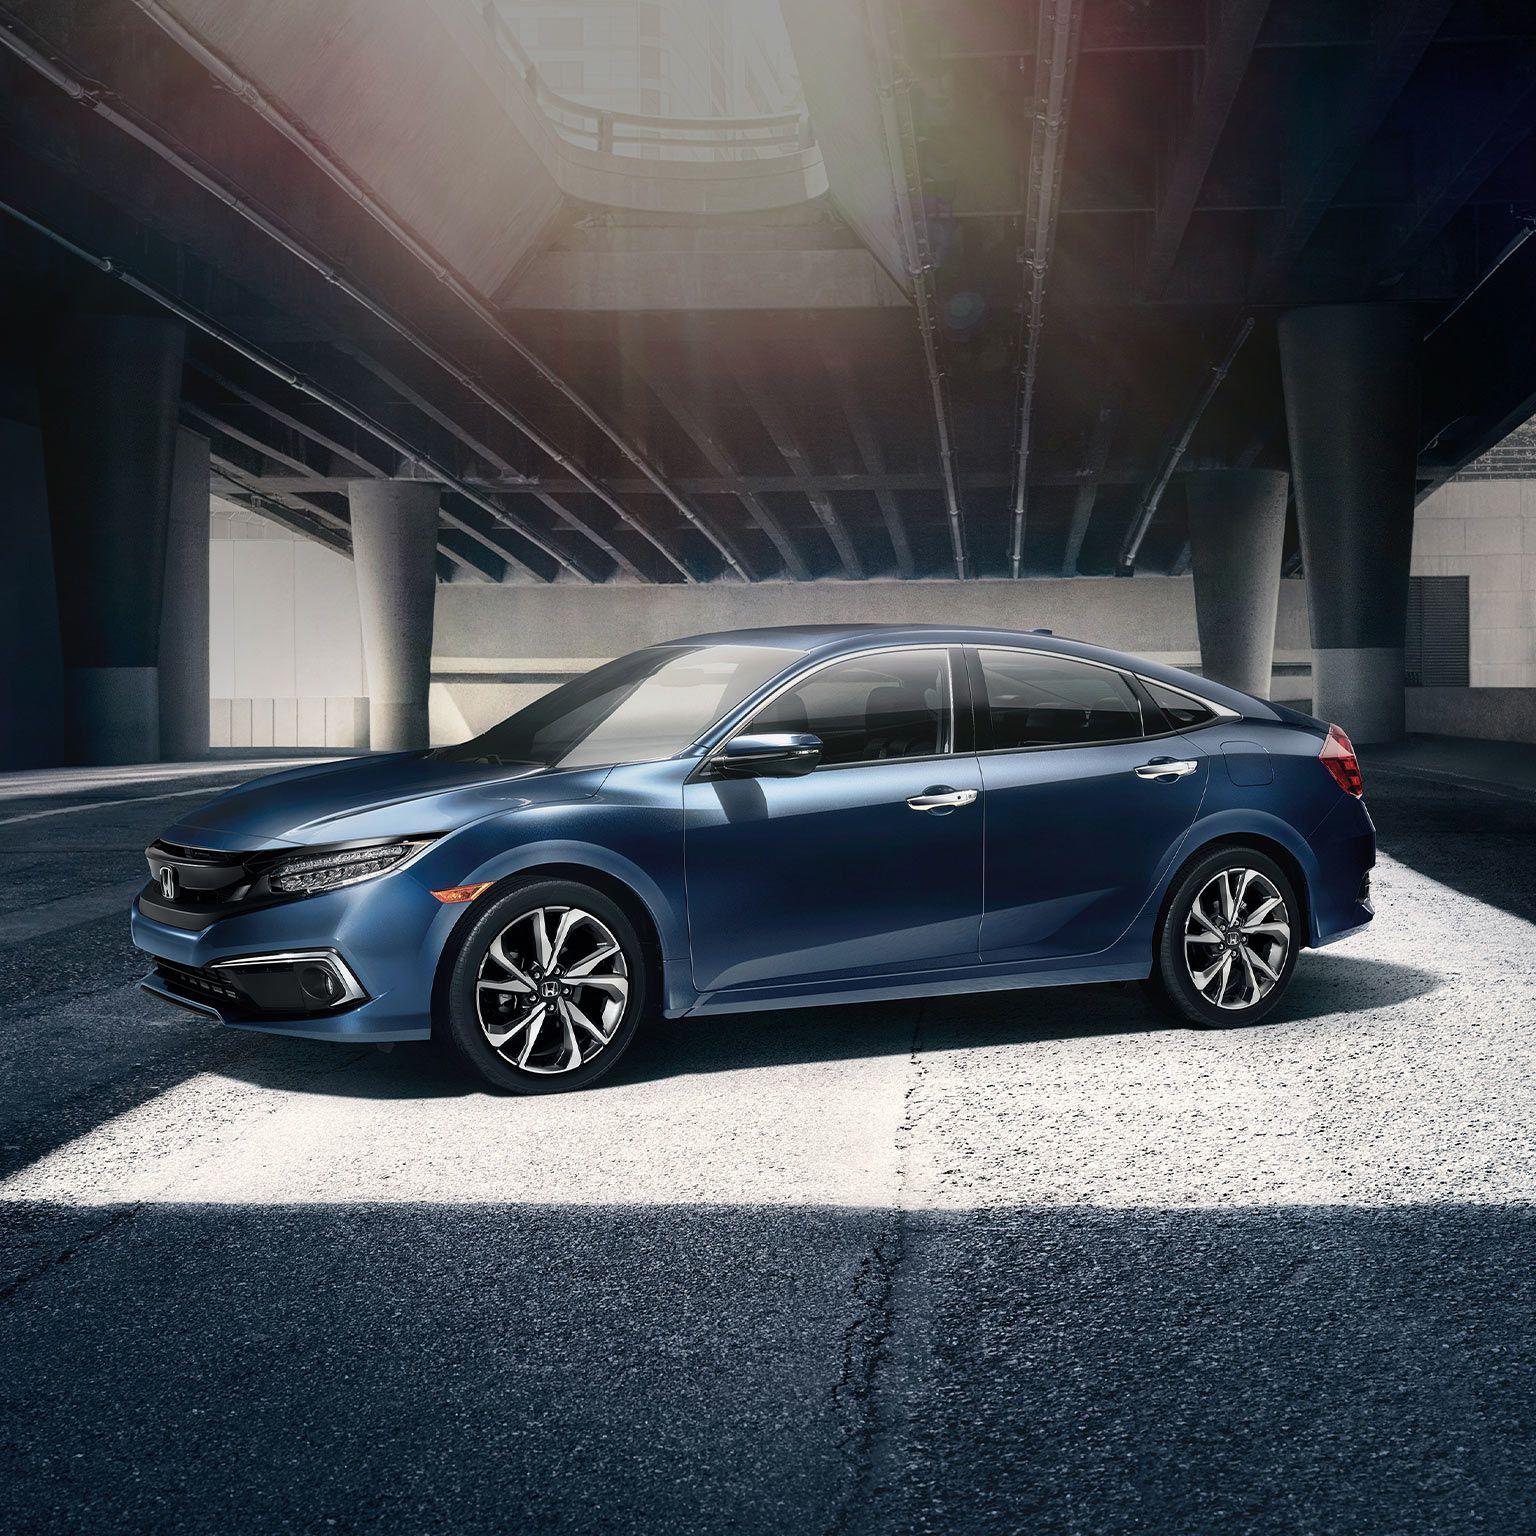 2020 Civic Sedan Restyled Sporty Design Honda Honda Civic Civic Sedan Honda